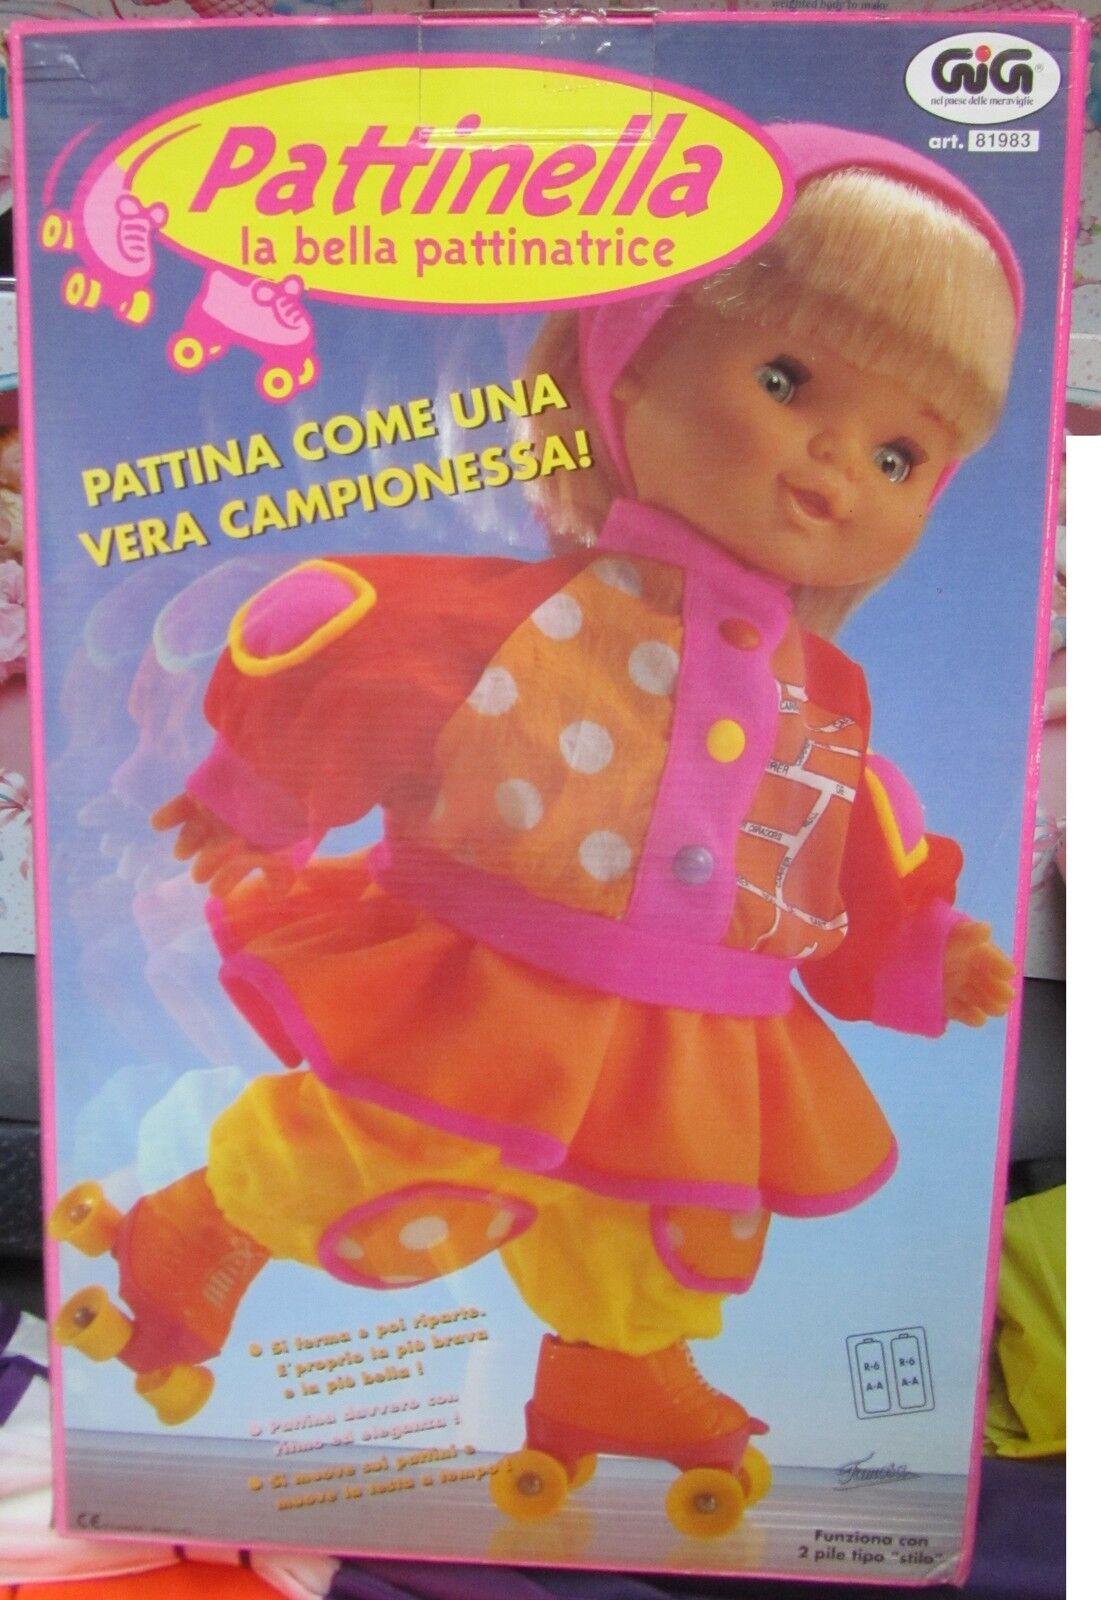 Pattinella la bella pattinatrice GIG SPESE GRATIS bambola fondo di magazzino